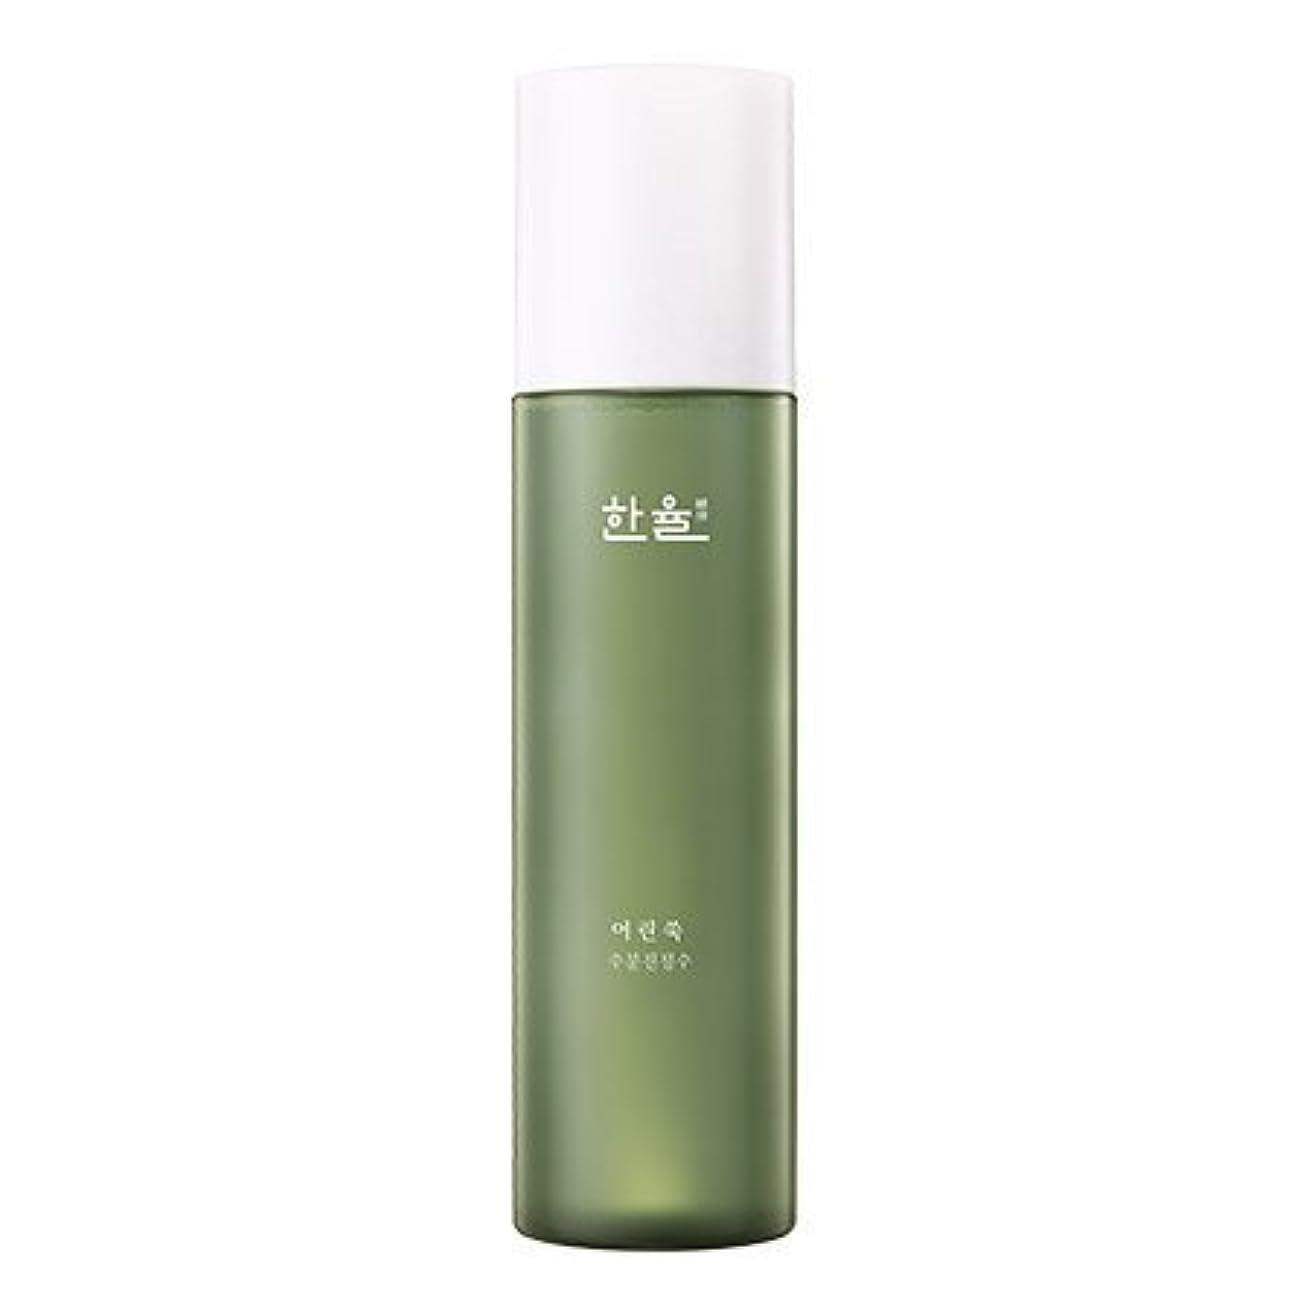 ゴミ箱サミットヒロインHANYUL Pure Artemisia Fresh Calming Water 150ml